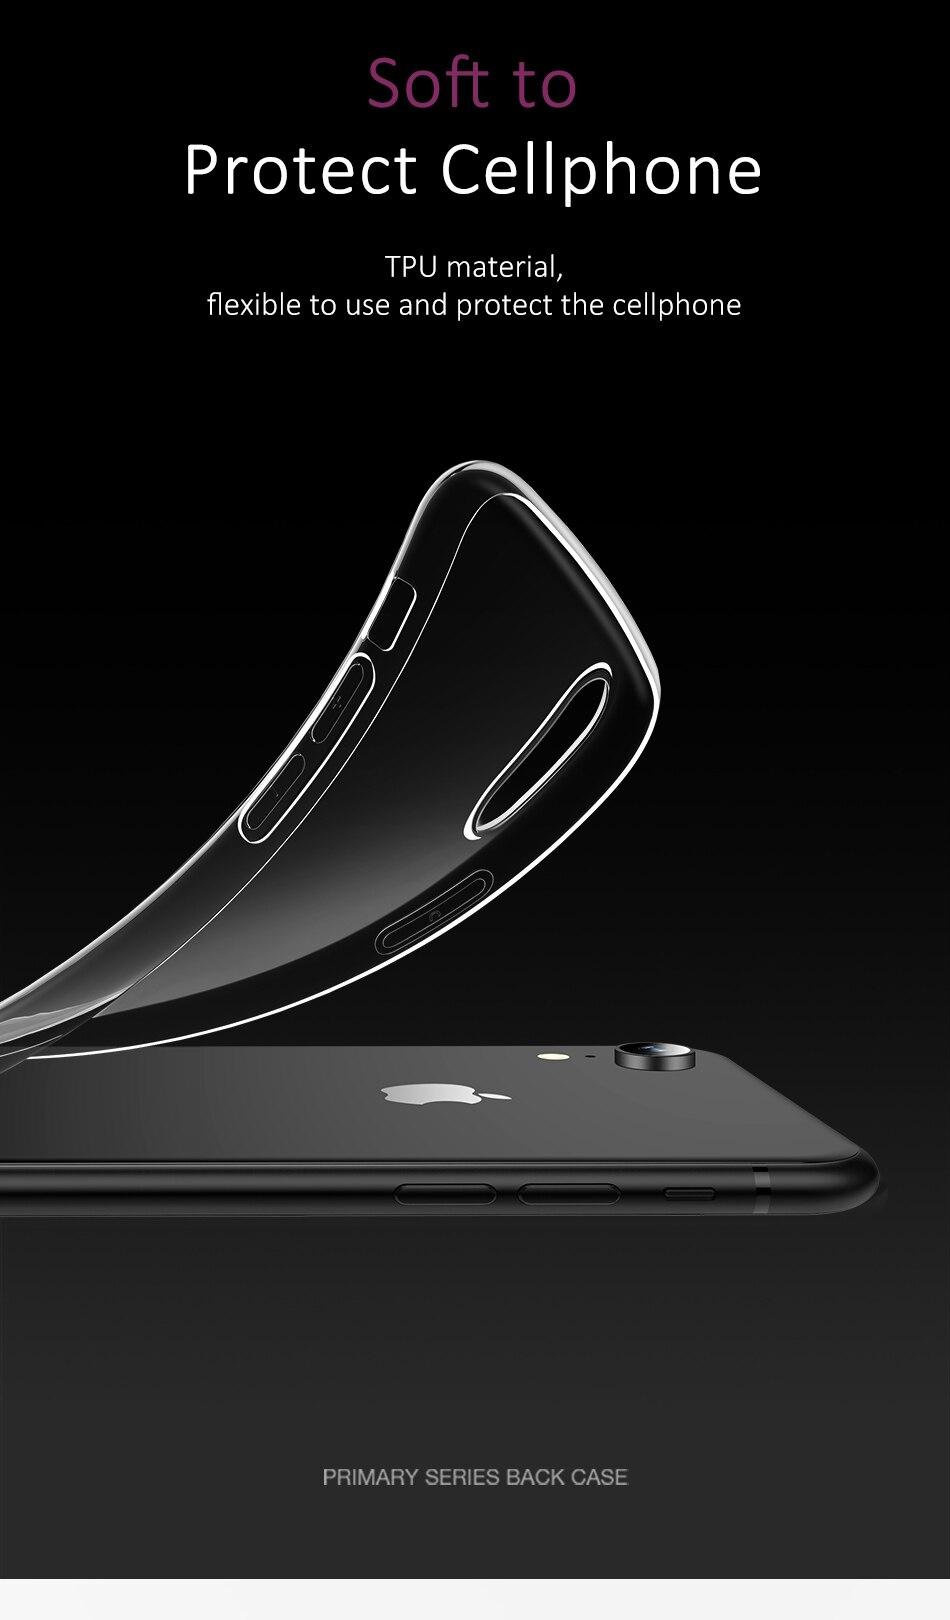 20180911-US-BH439US-BH440US-BH444-iPhone9--(1)_03